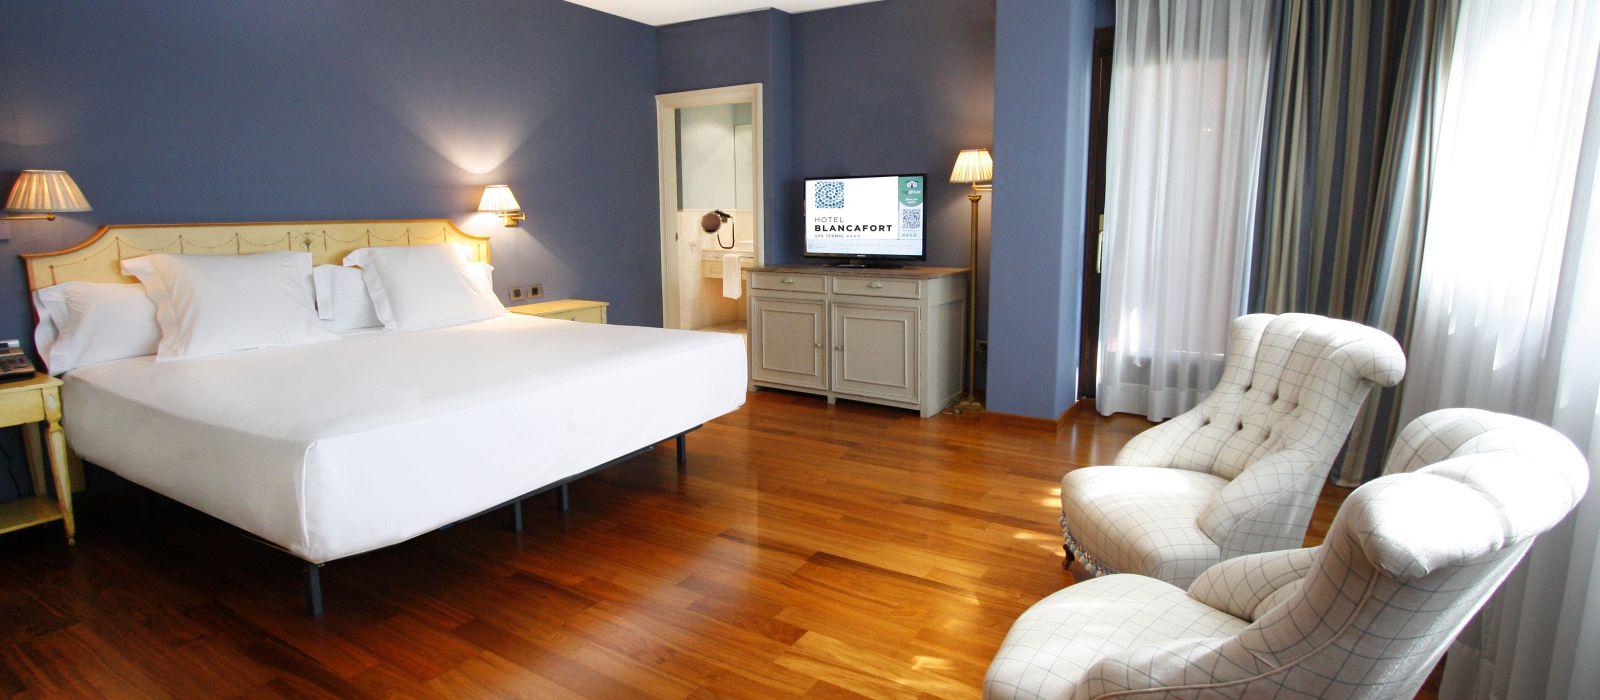 Suite Premium | Hotel Blancafort